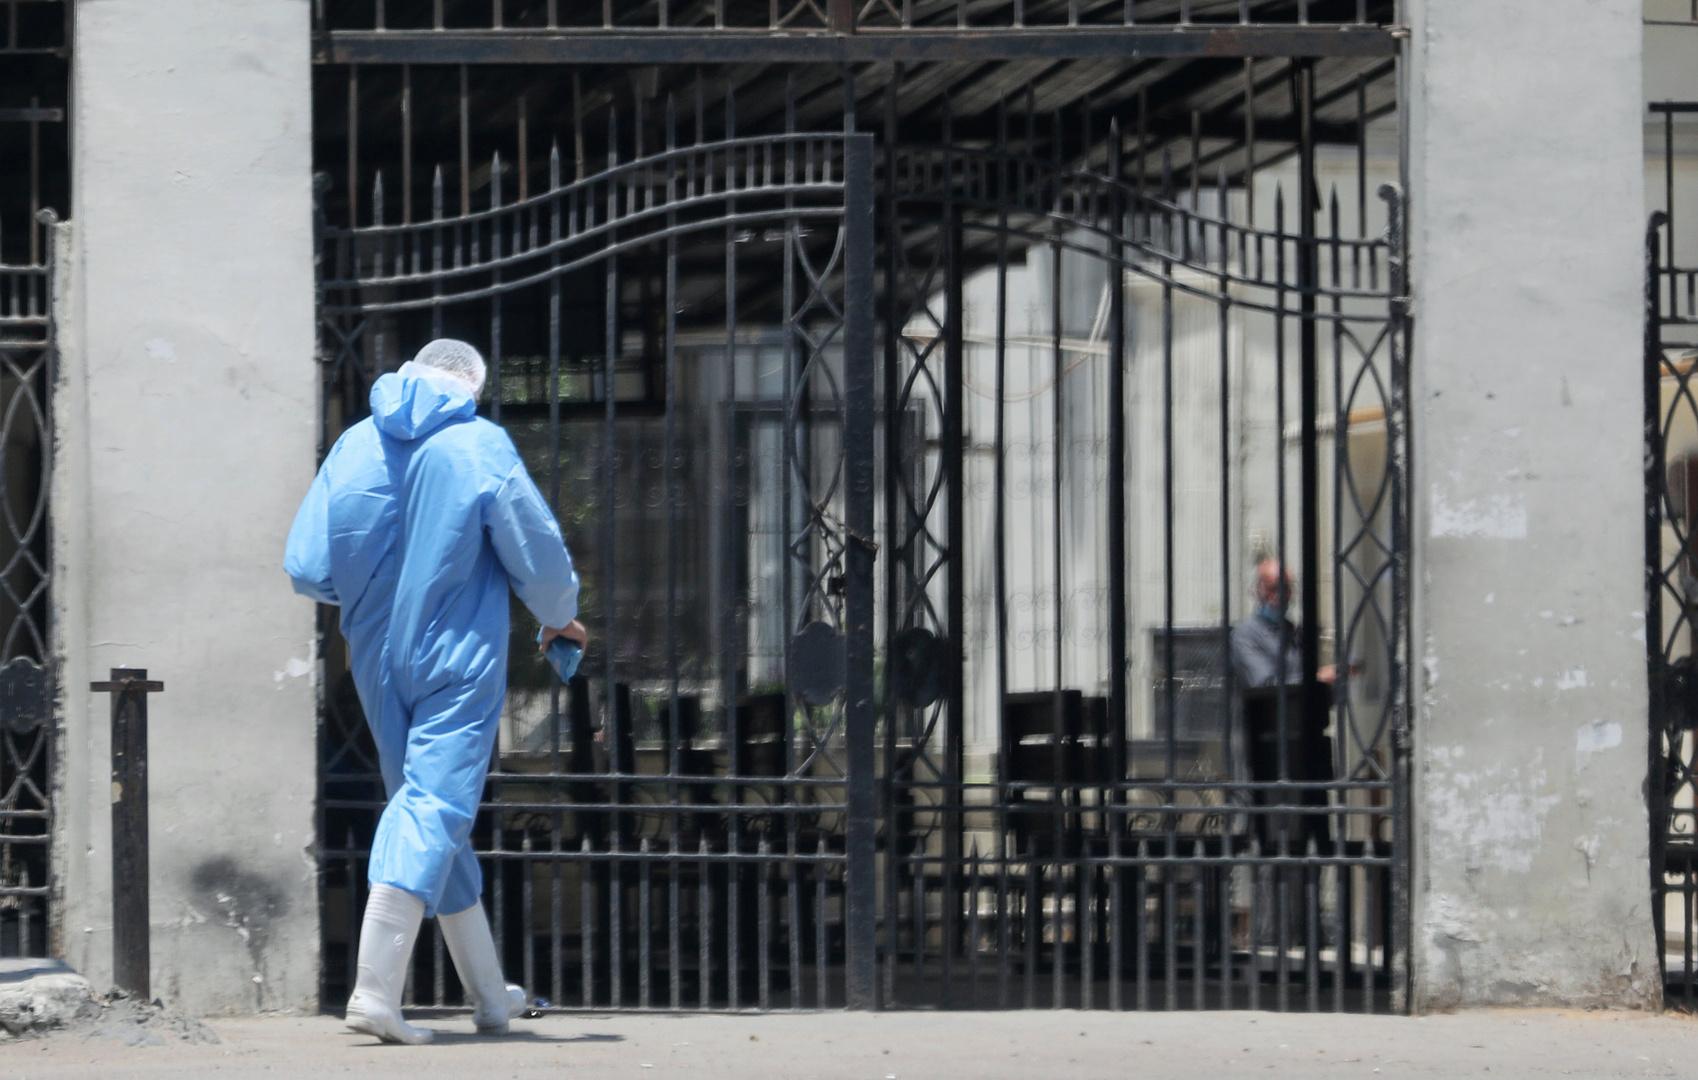 مصر تعلن تمكنها من تحديد البصمة الوراثية لفيروس كورونا